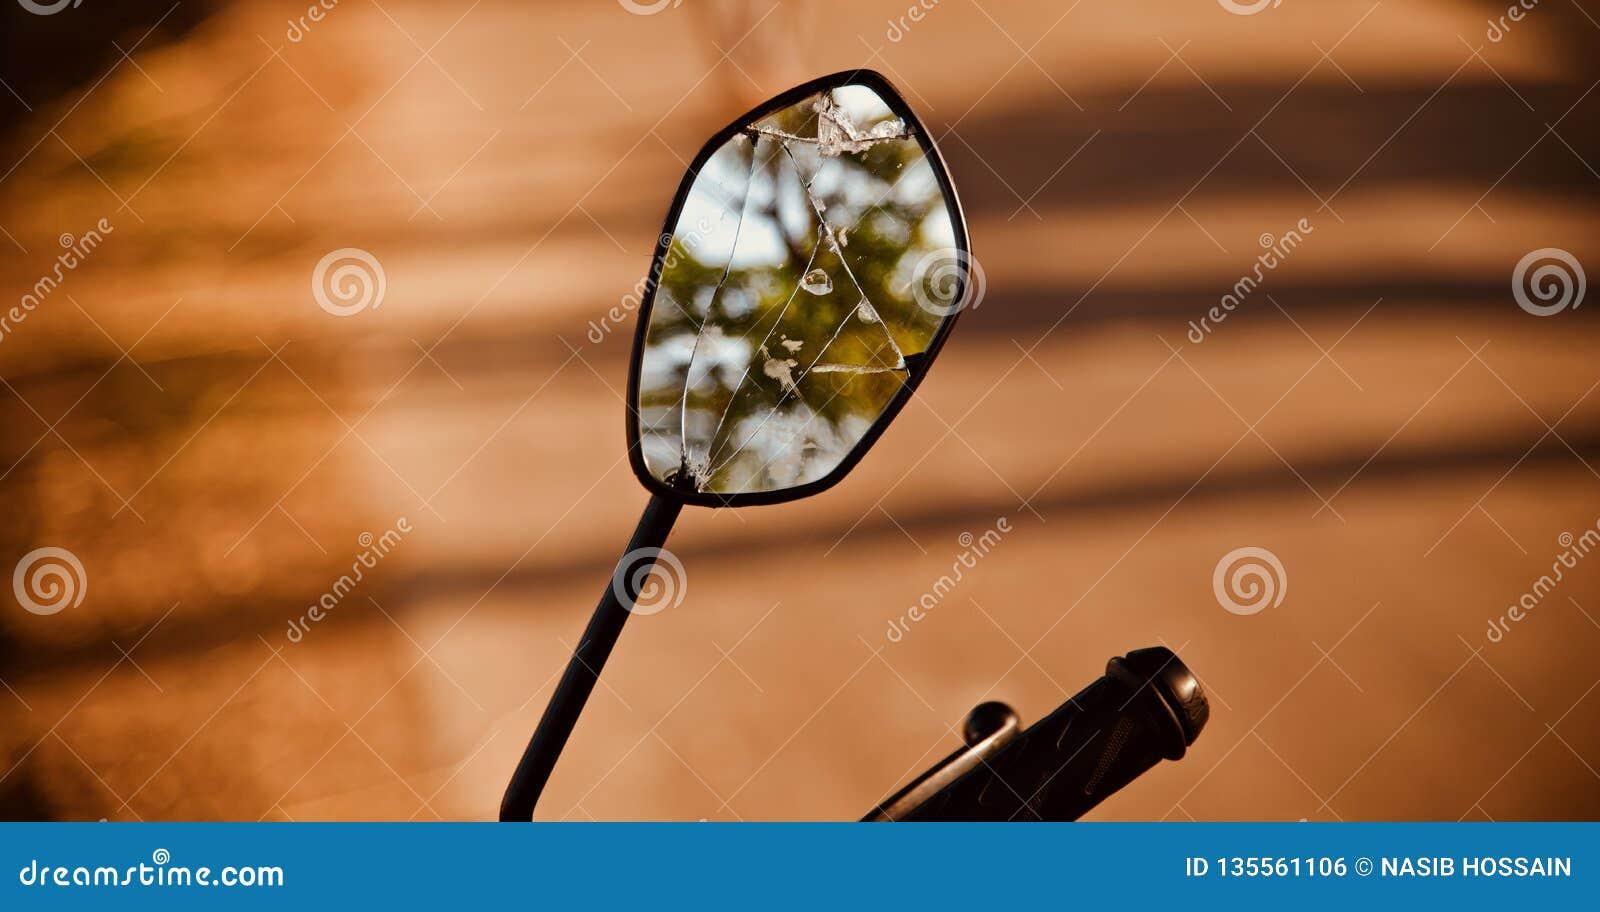 A broken mirror of a bike